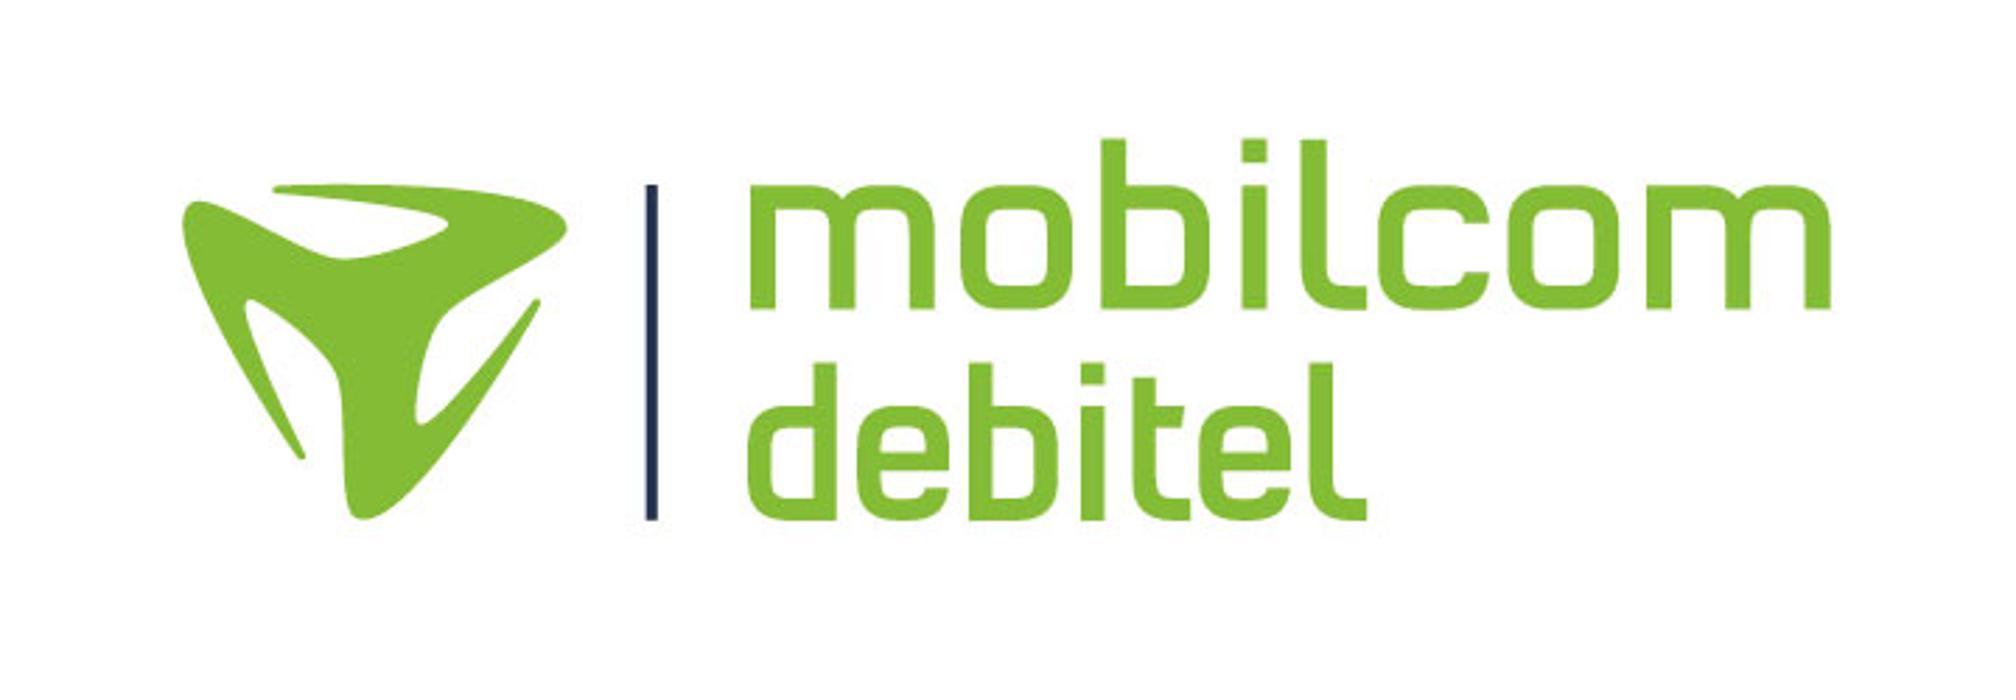 mobilcom-debitel, Kettwiger Straße in Essen